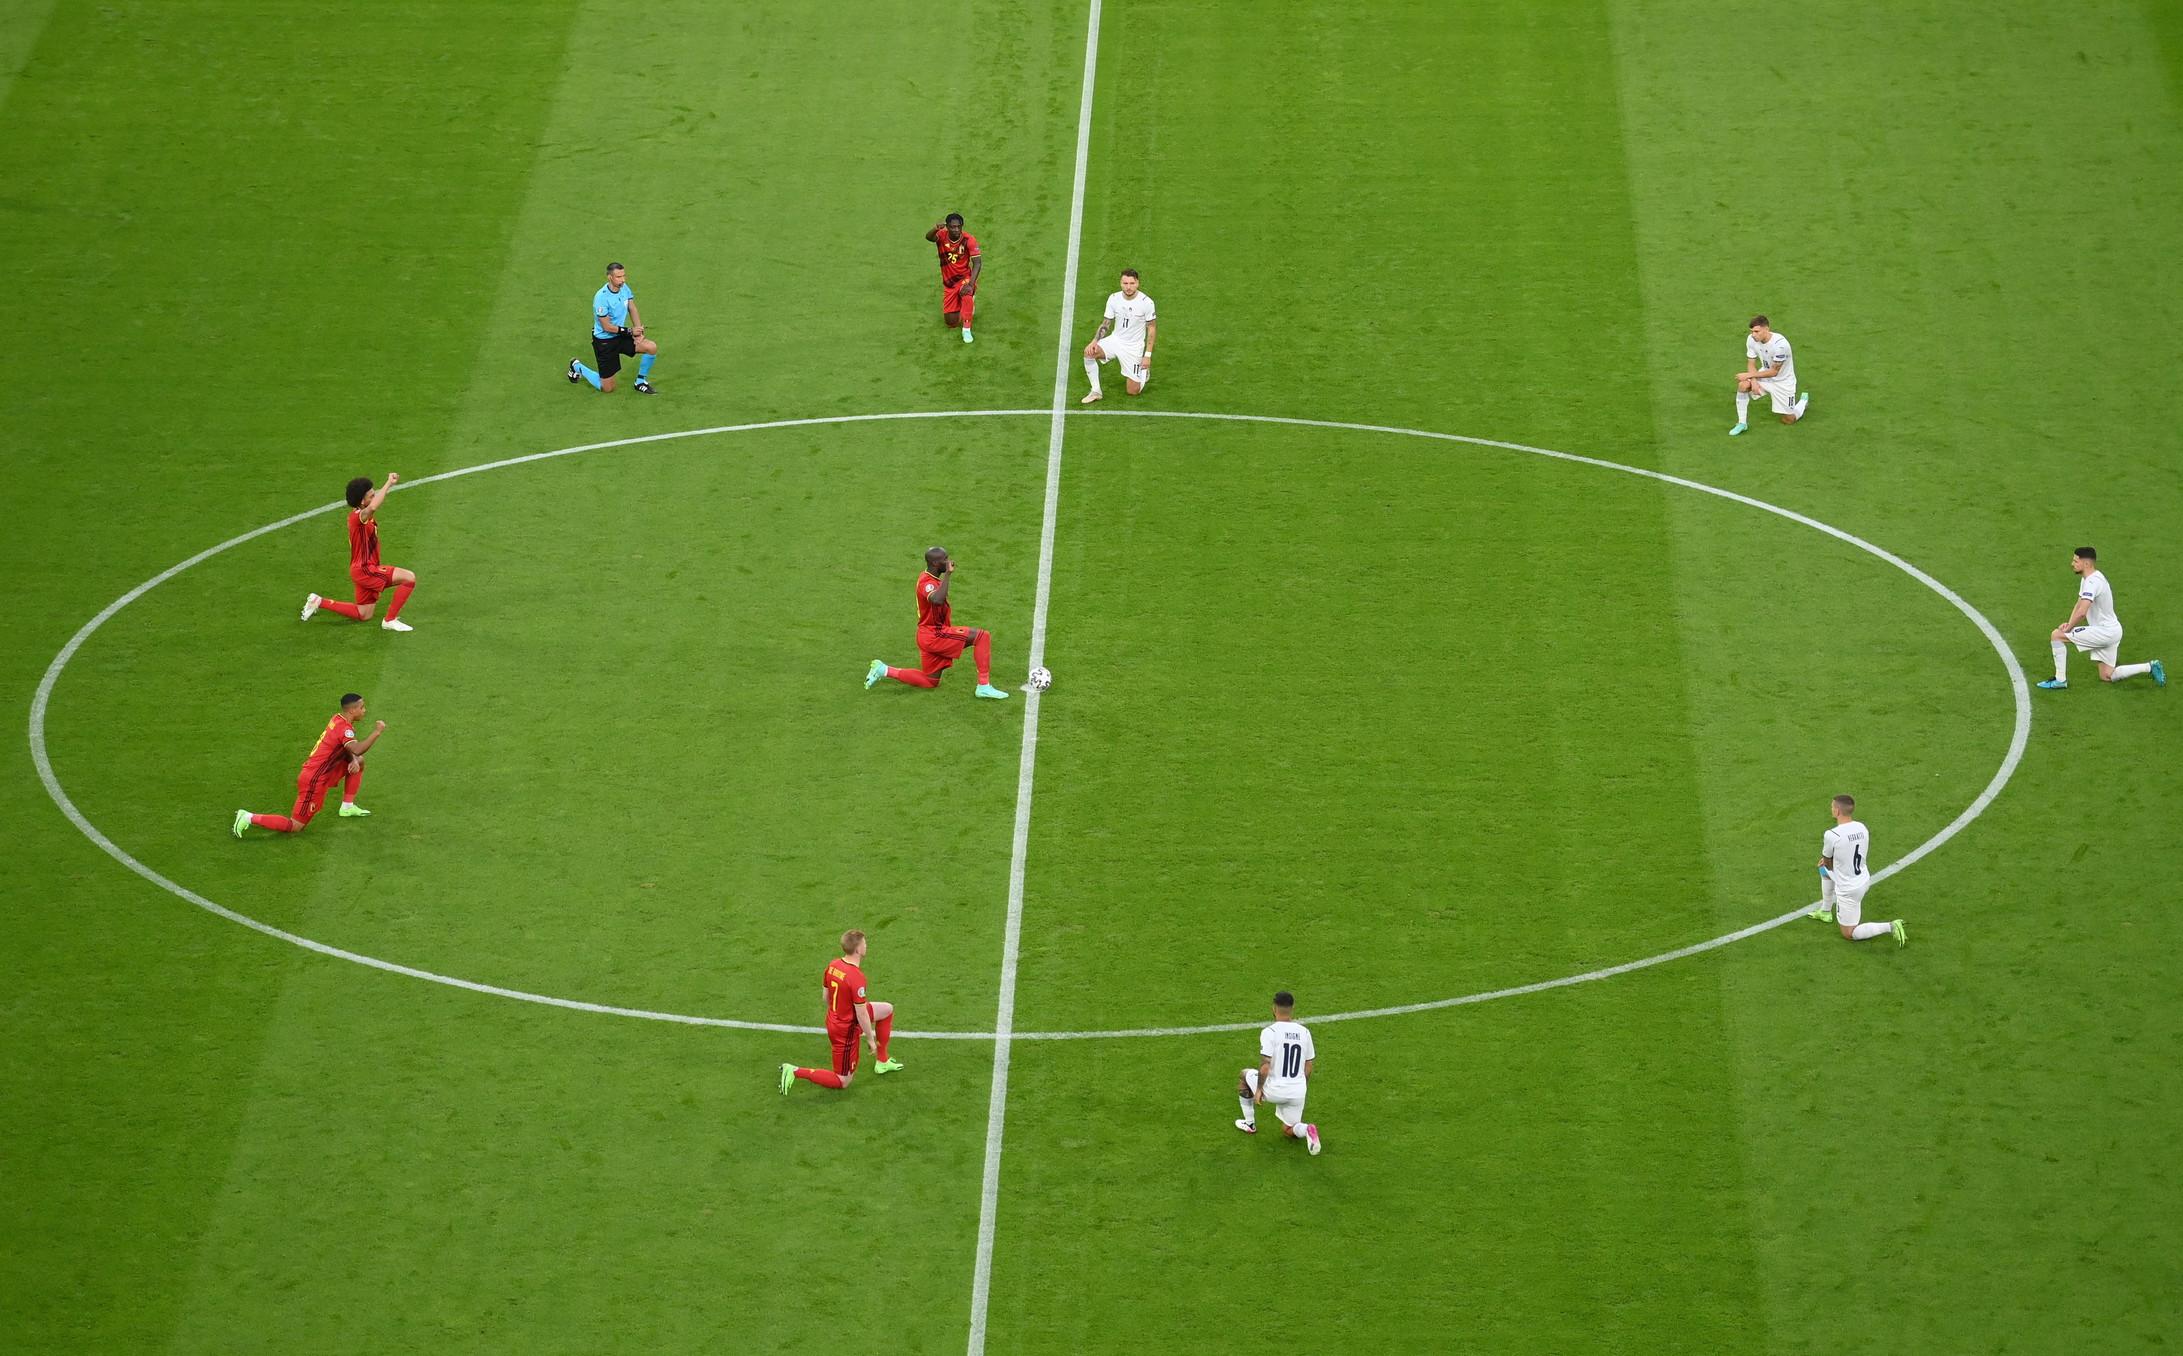 I giocatori di Italia e Belgio si sono inginocchiati al centro del campo prima della partita alla Football Arena di Monaco, valida per i quarti di finale di Euro 2020, in sostegno al movimento Black Lives Matter e contro ogni forma di discriminazione. &Egrave; la prima volta che gli&nbsp;Azzurri si inginocchiano tutti insieme prima di una partita: contro il Galles lo avevano fatto soltanto Belotti, Bernardeschi, Emerson, Pessina e Toloi. Il Belgio &egrave;&nbsp;una delle tre squadre, insieme a Inghilterra e Galles, che si &egrave;&nbsp;sempre inginocchiata prima delle partite.<br /><br />